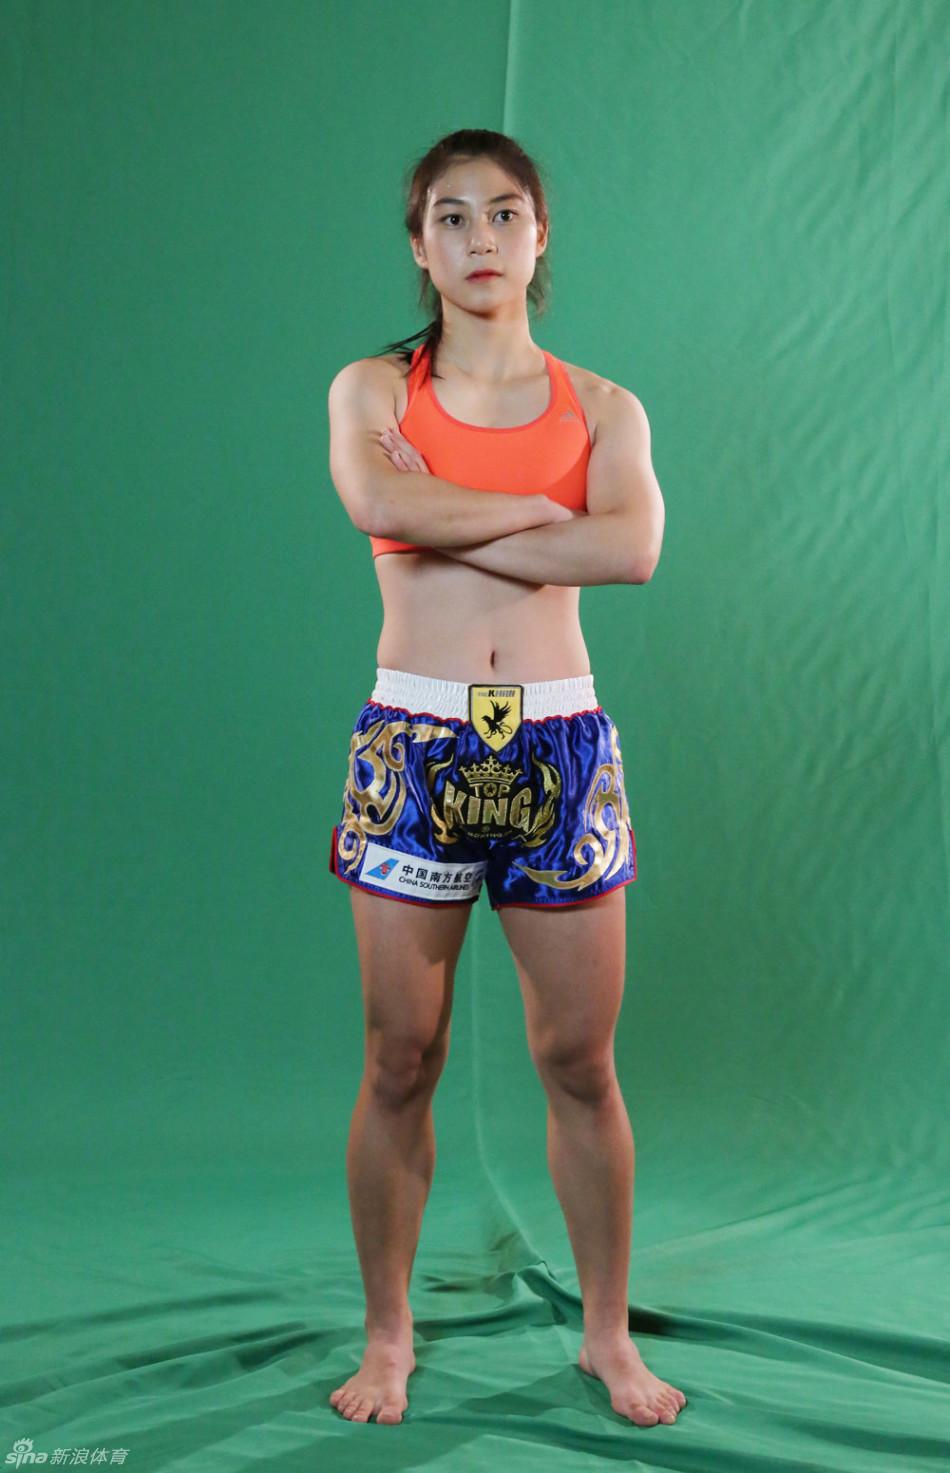 战祖山昆仑将在青海西宁打响,来自韩国的格斗美少女李致愿将出战图片